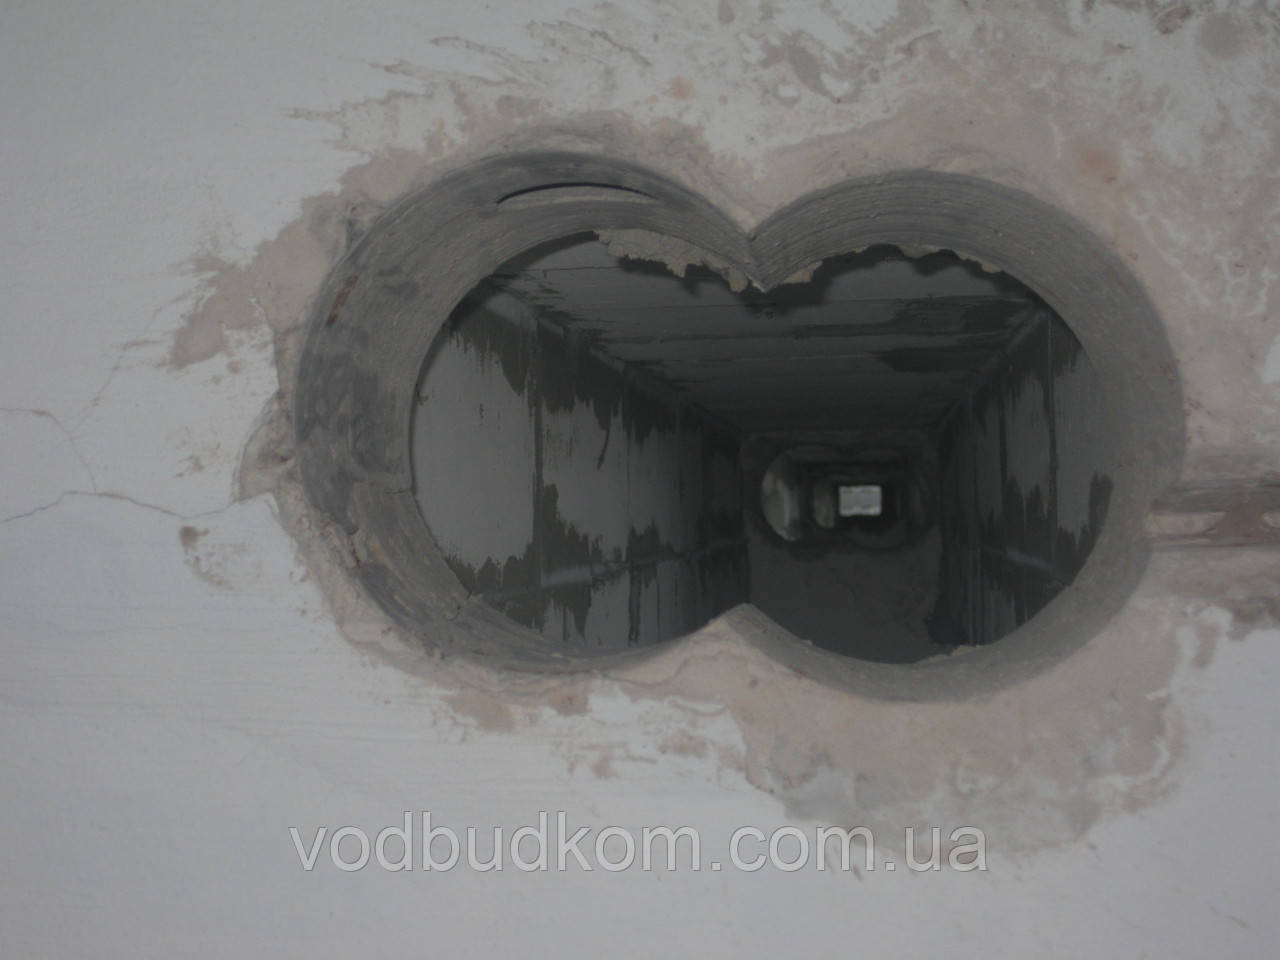 Алмазне буріння свердління отворів під стояки на витяжку